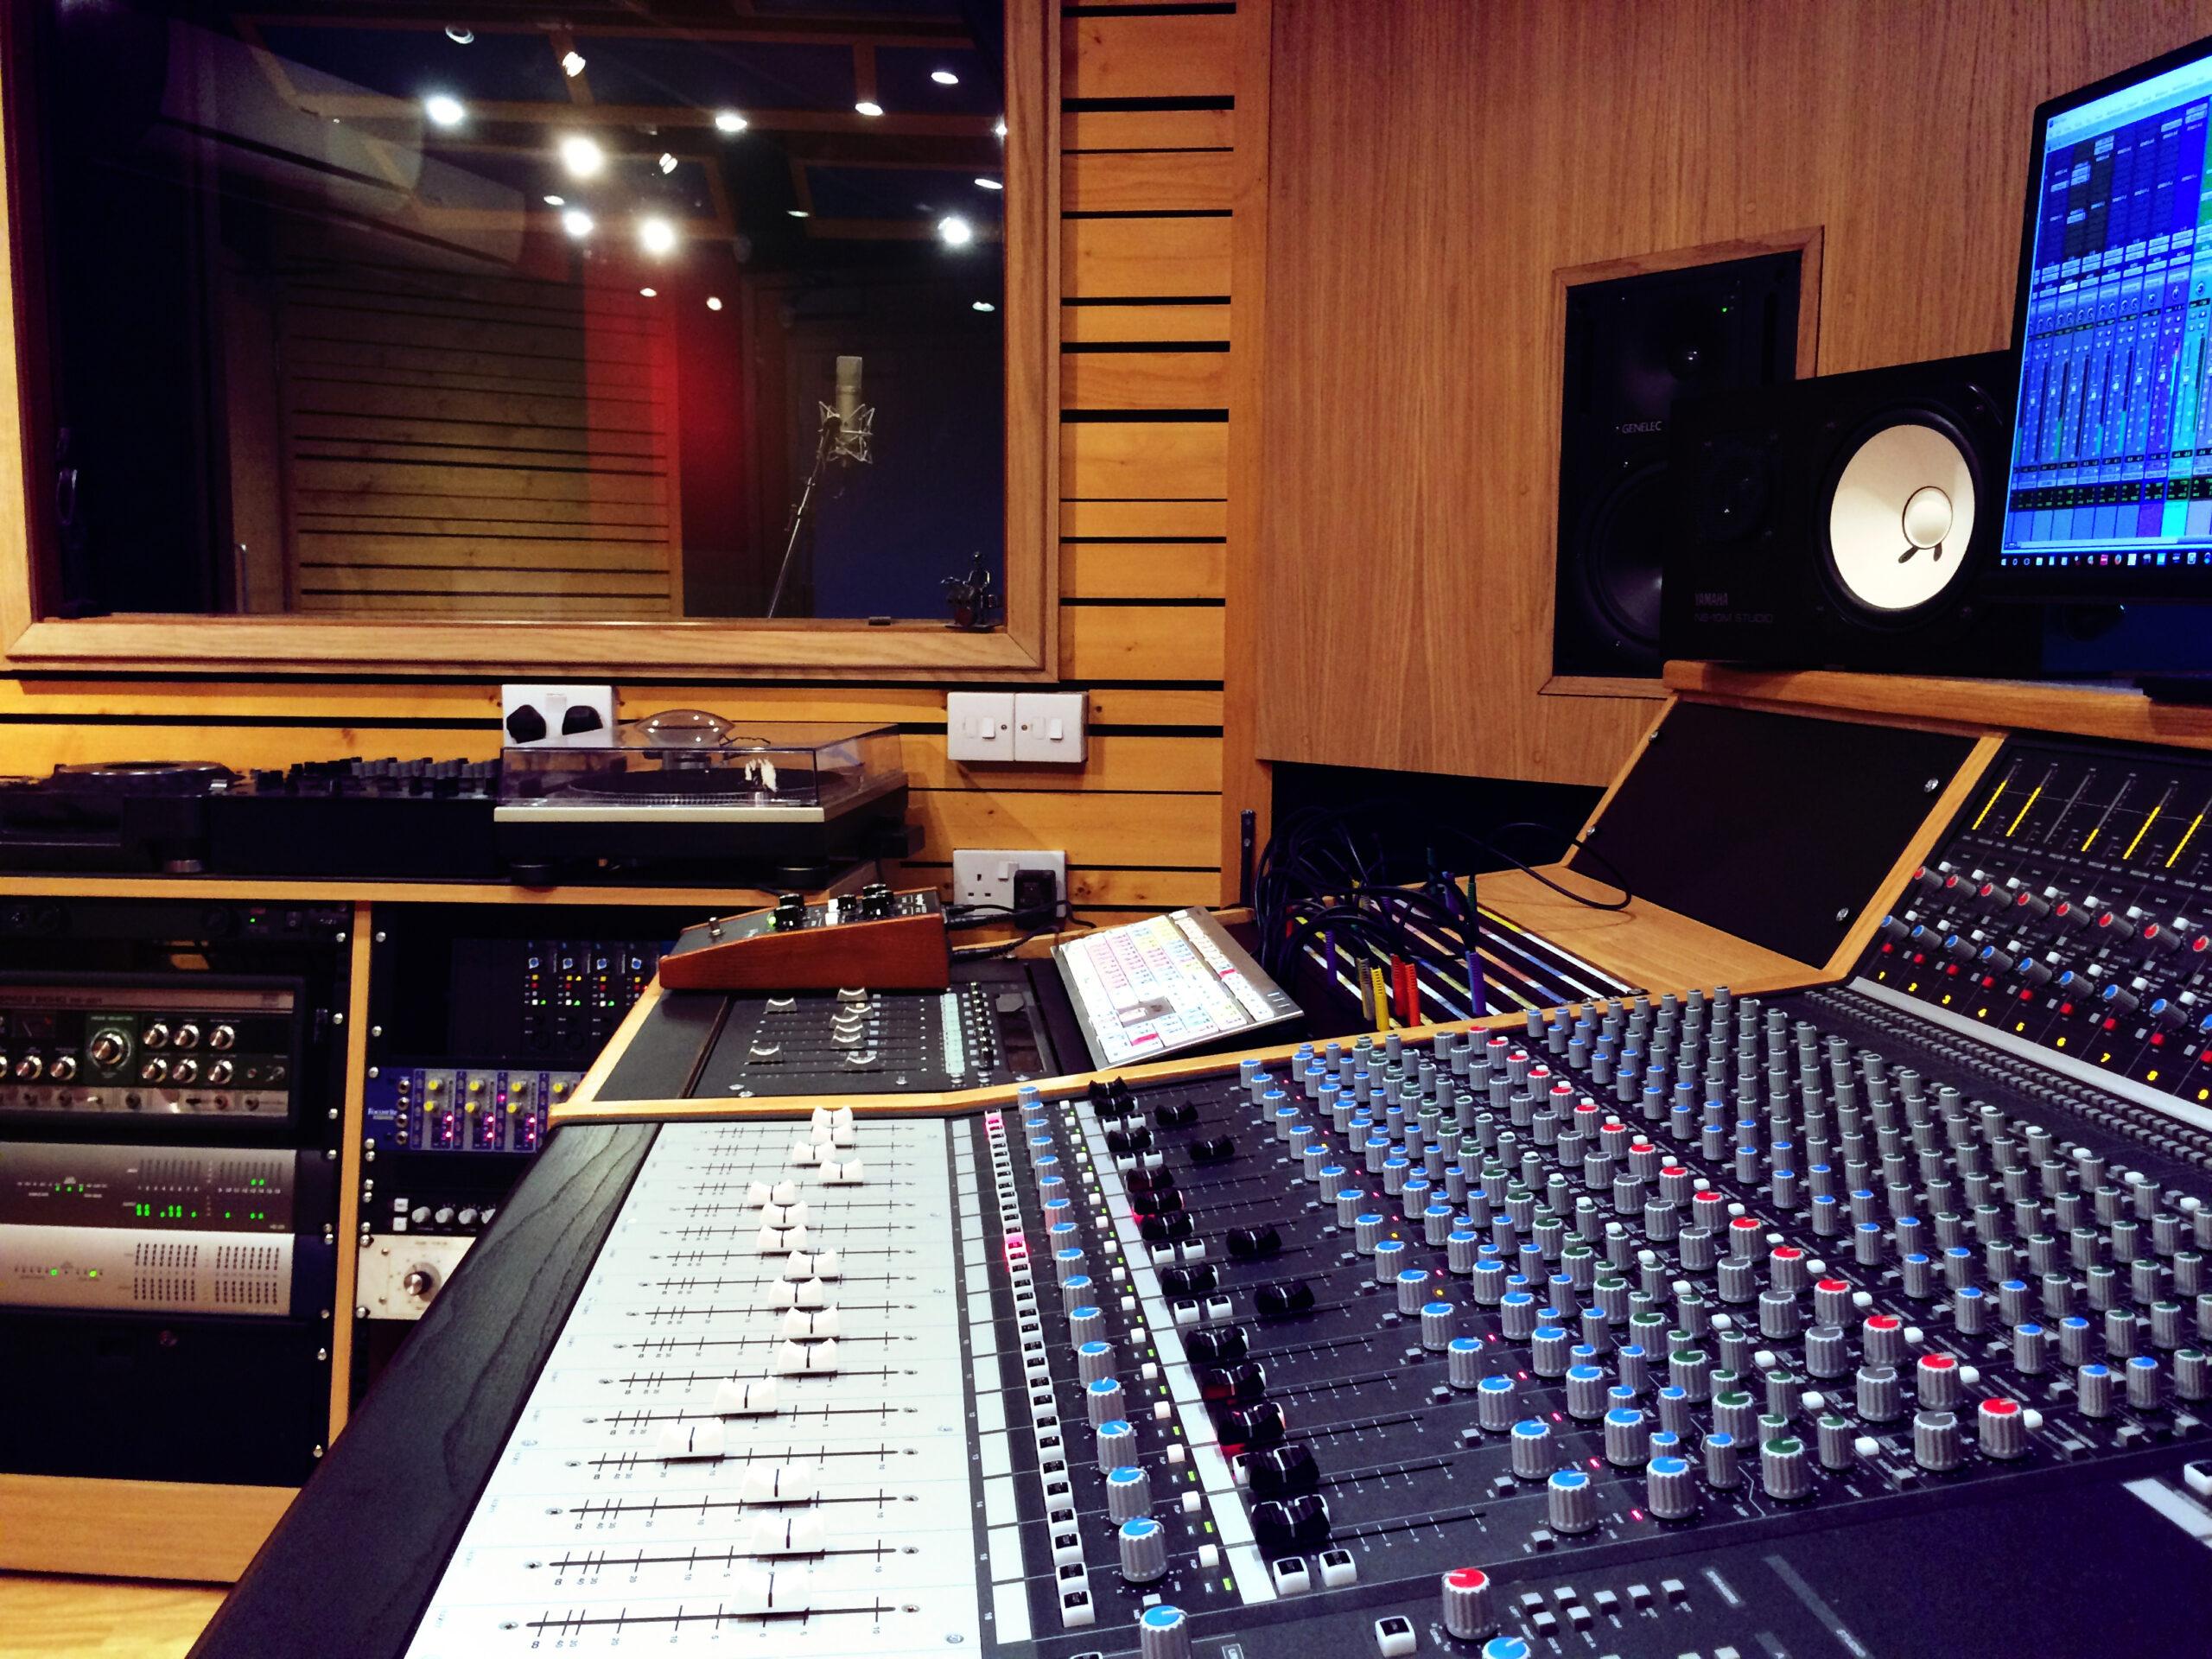 Slipway-Studio_Audient-ASP4816_desk_03